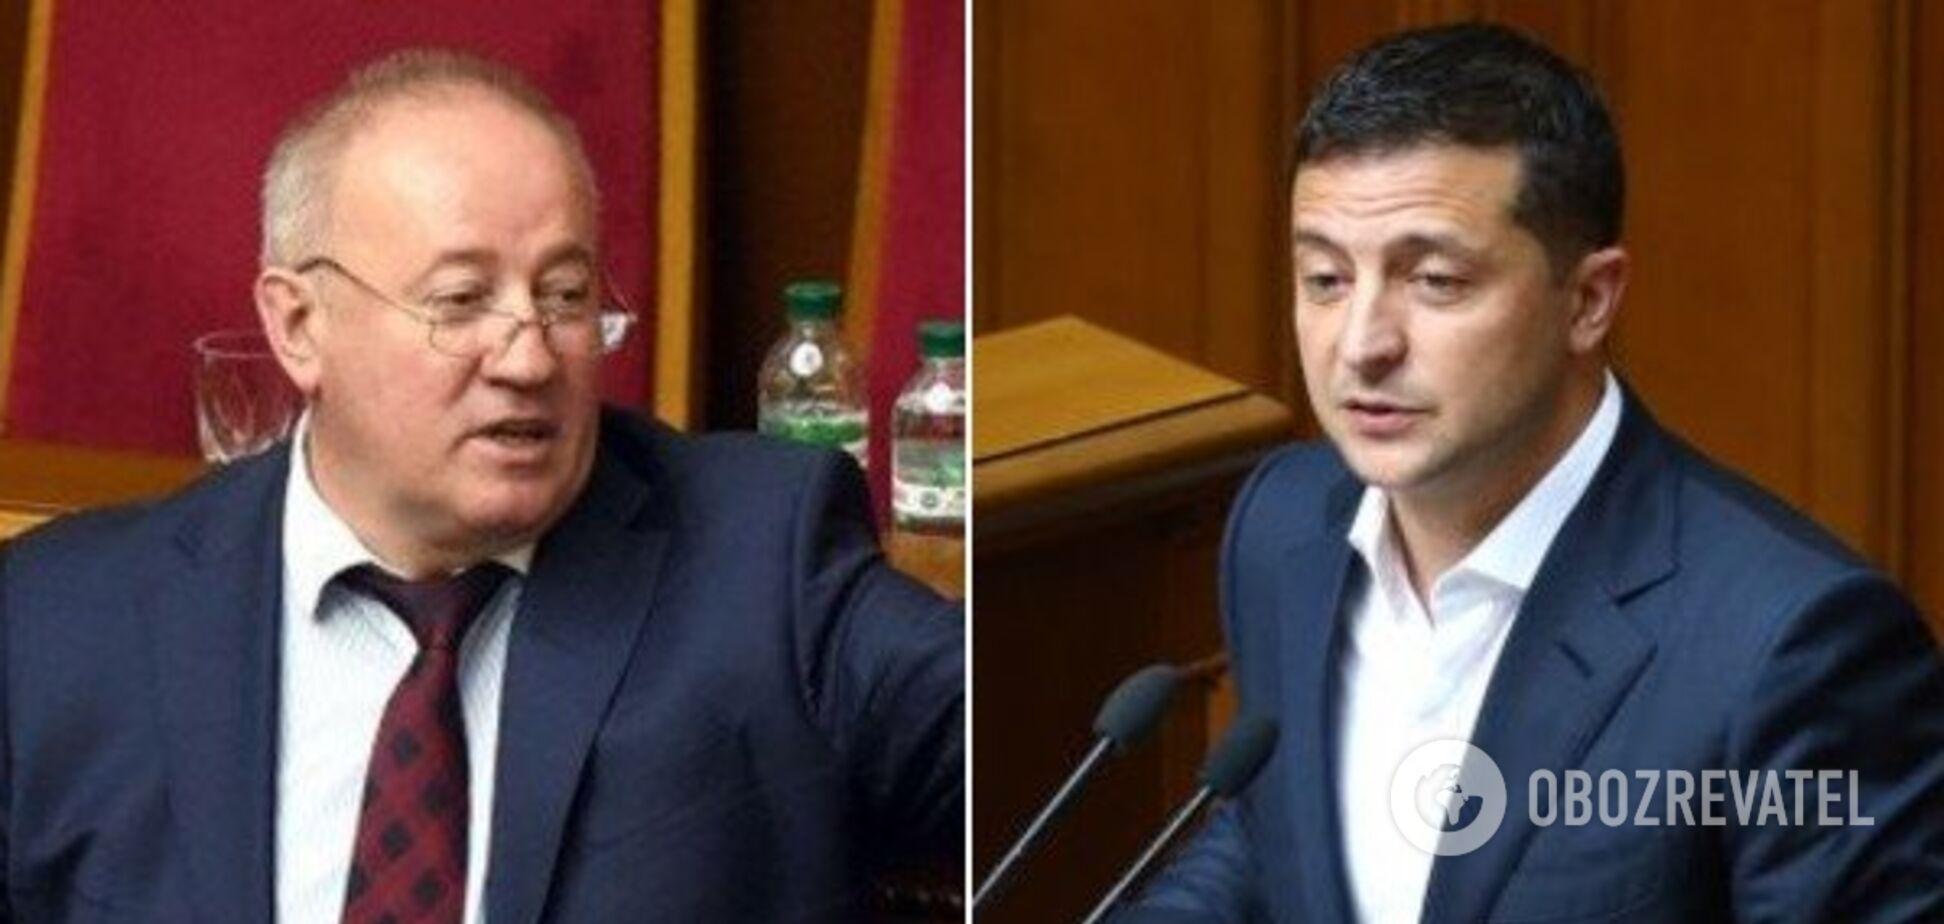 Виктор Чумак и Владимир Зеленский